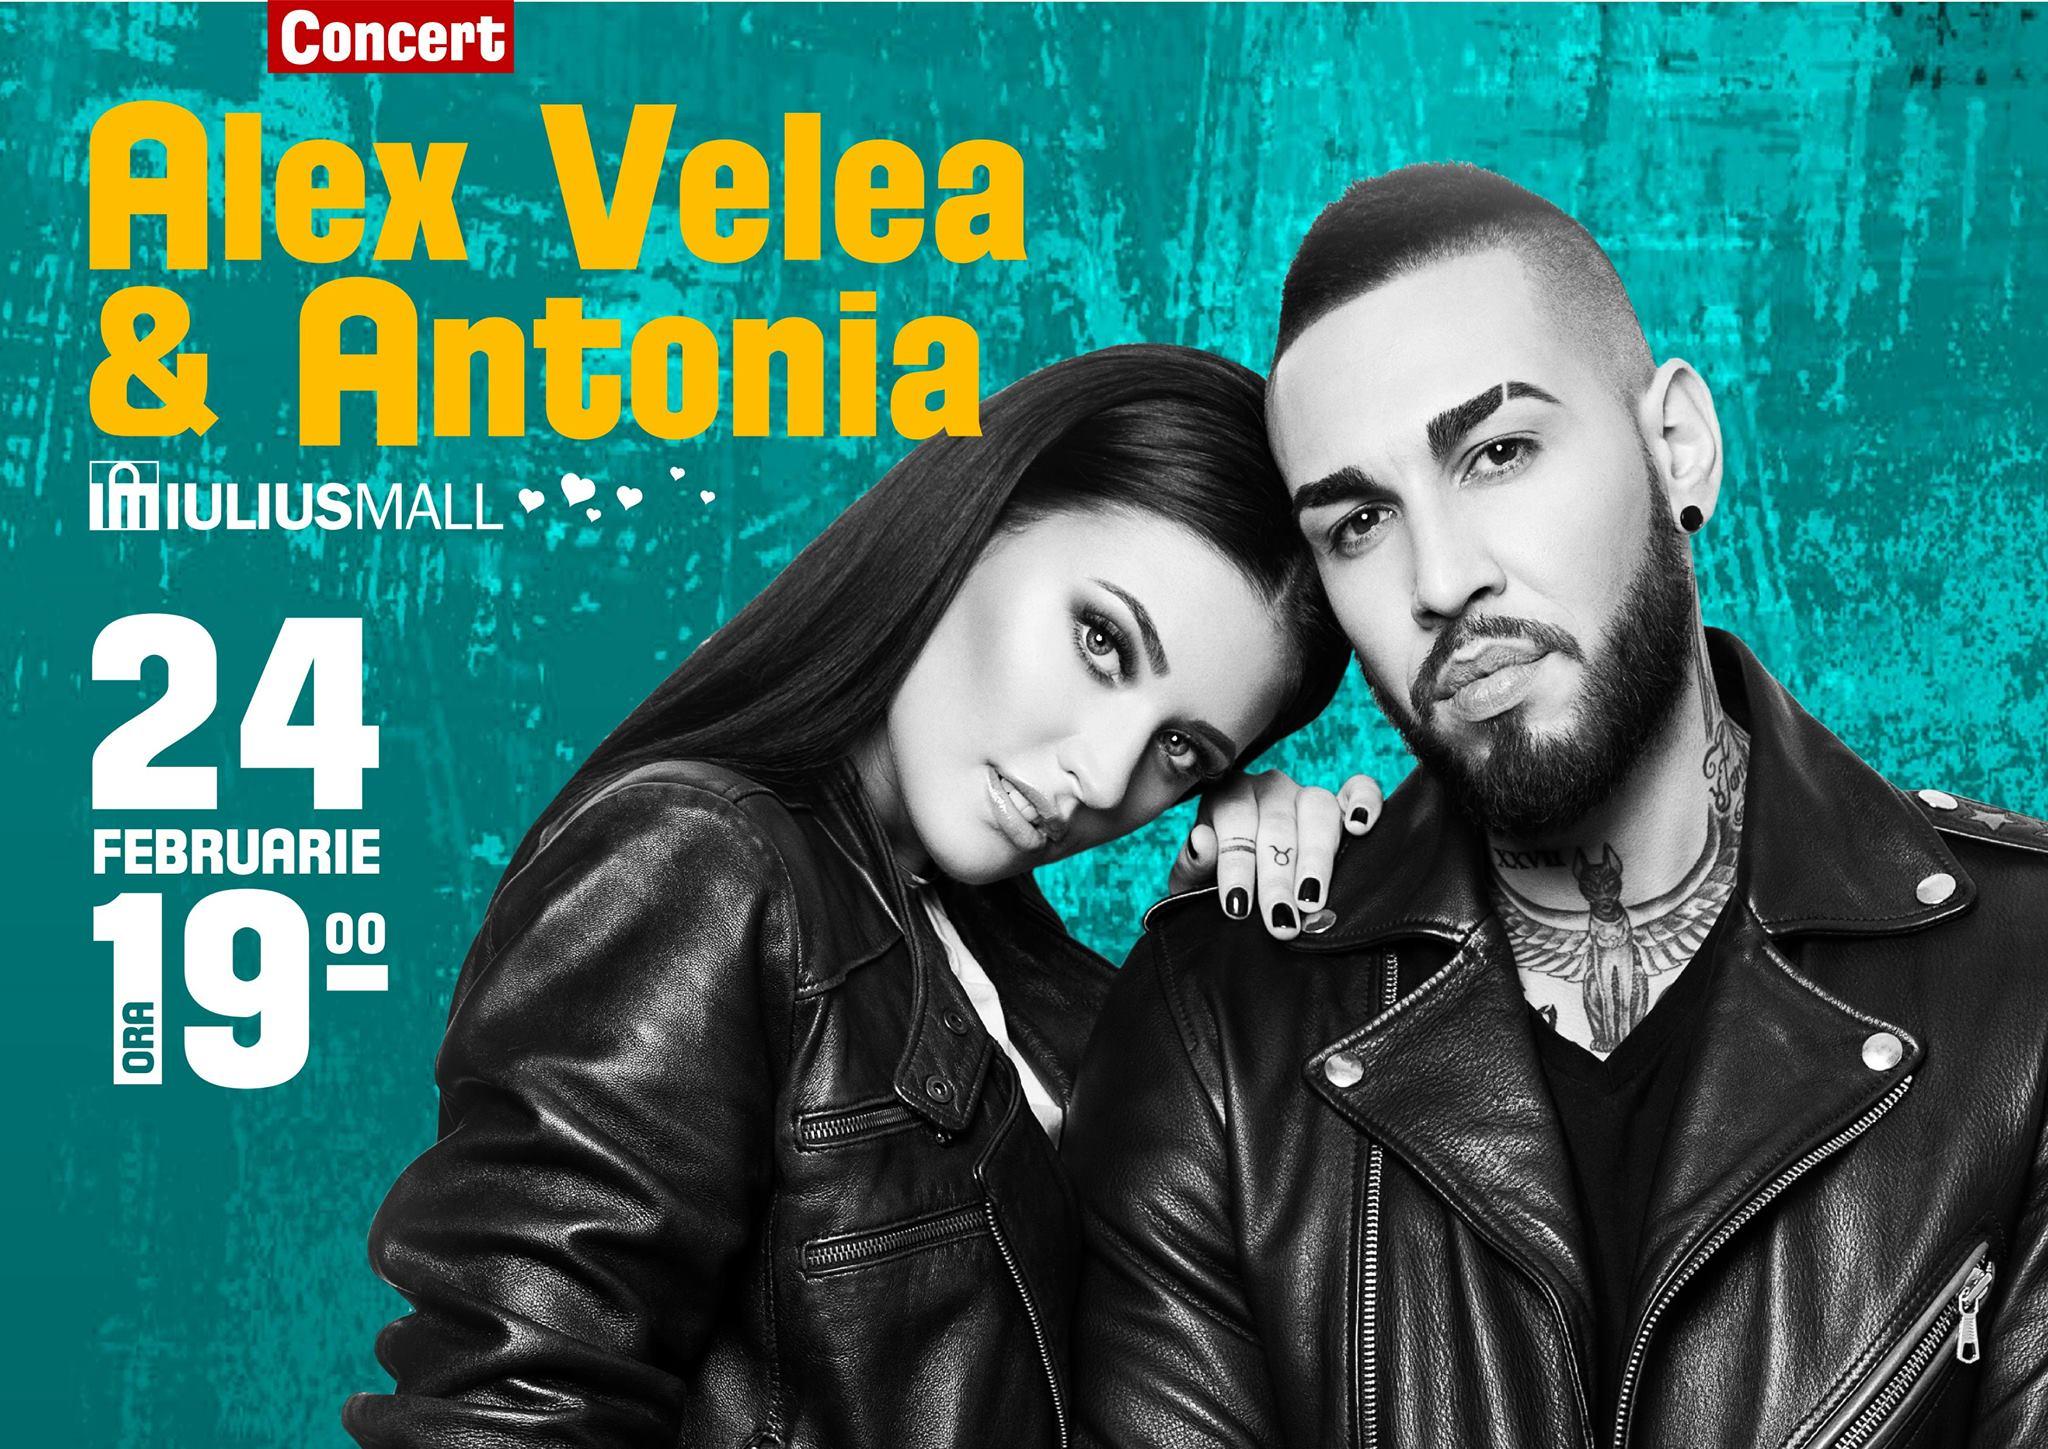 Concert Antonia și Alex Velea de Dragobete!